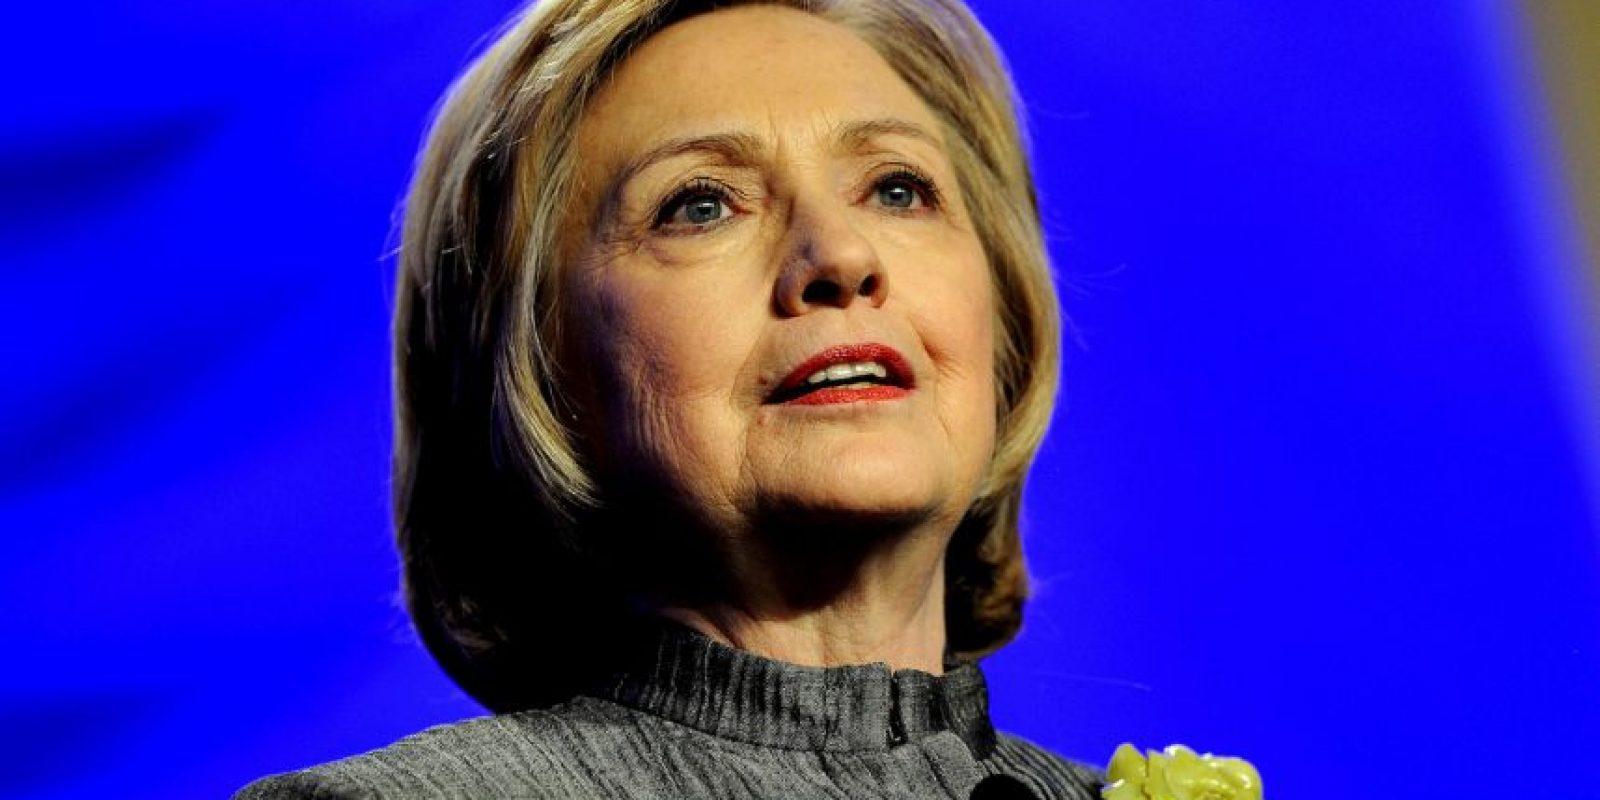 De ganar sería la primer presidenta de Estados Unidos Foto:Getty Images